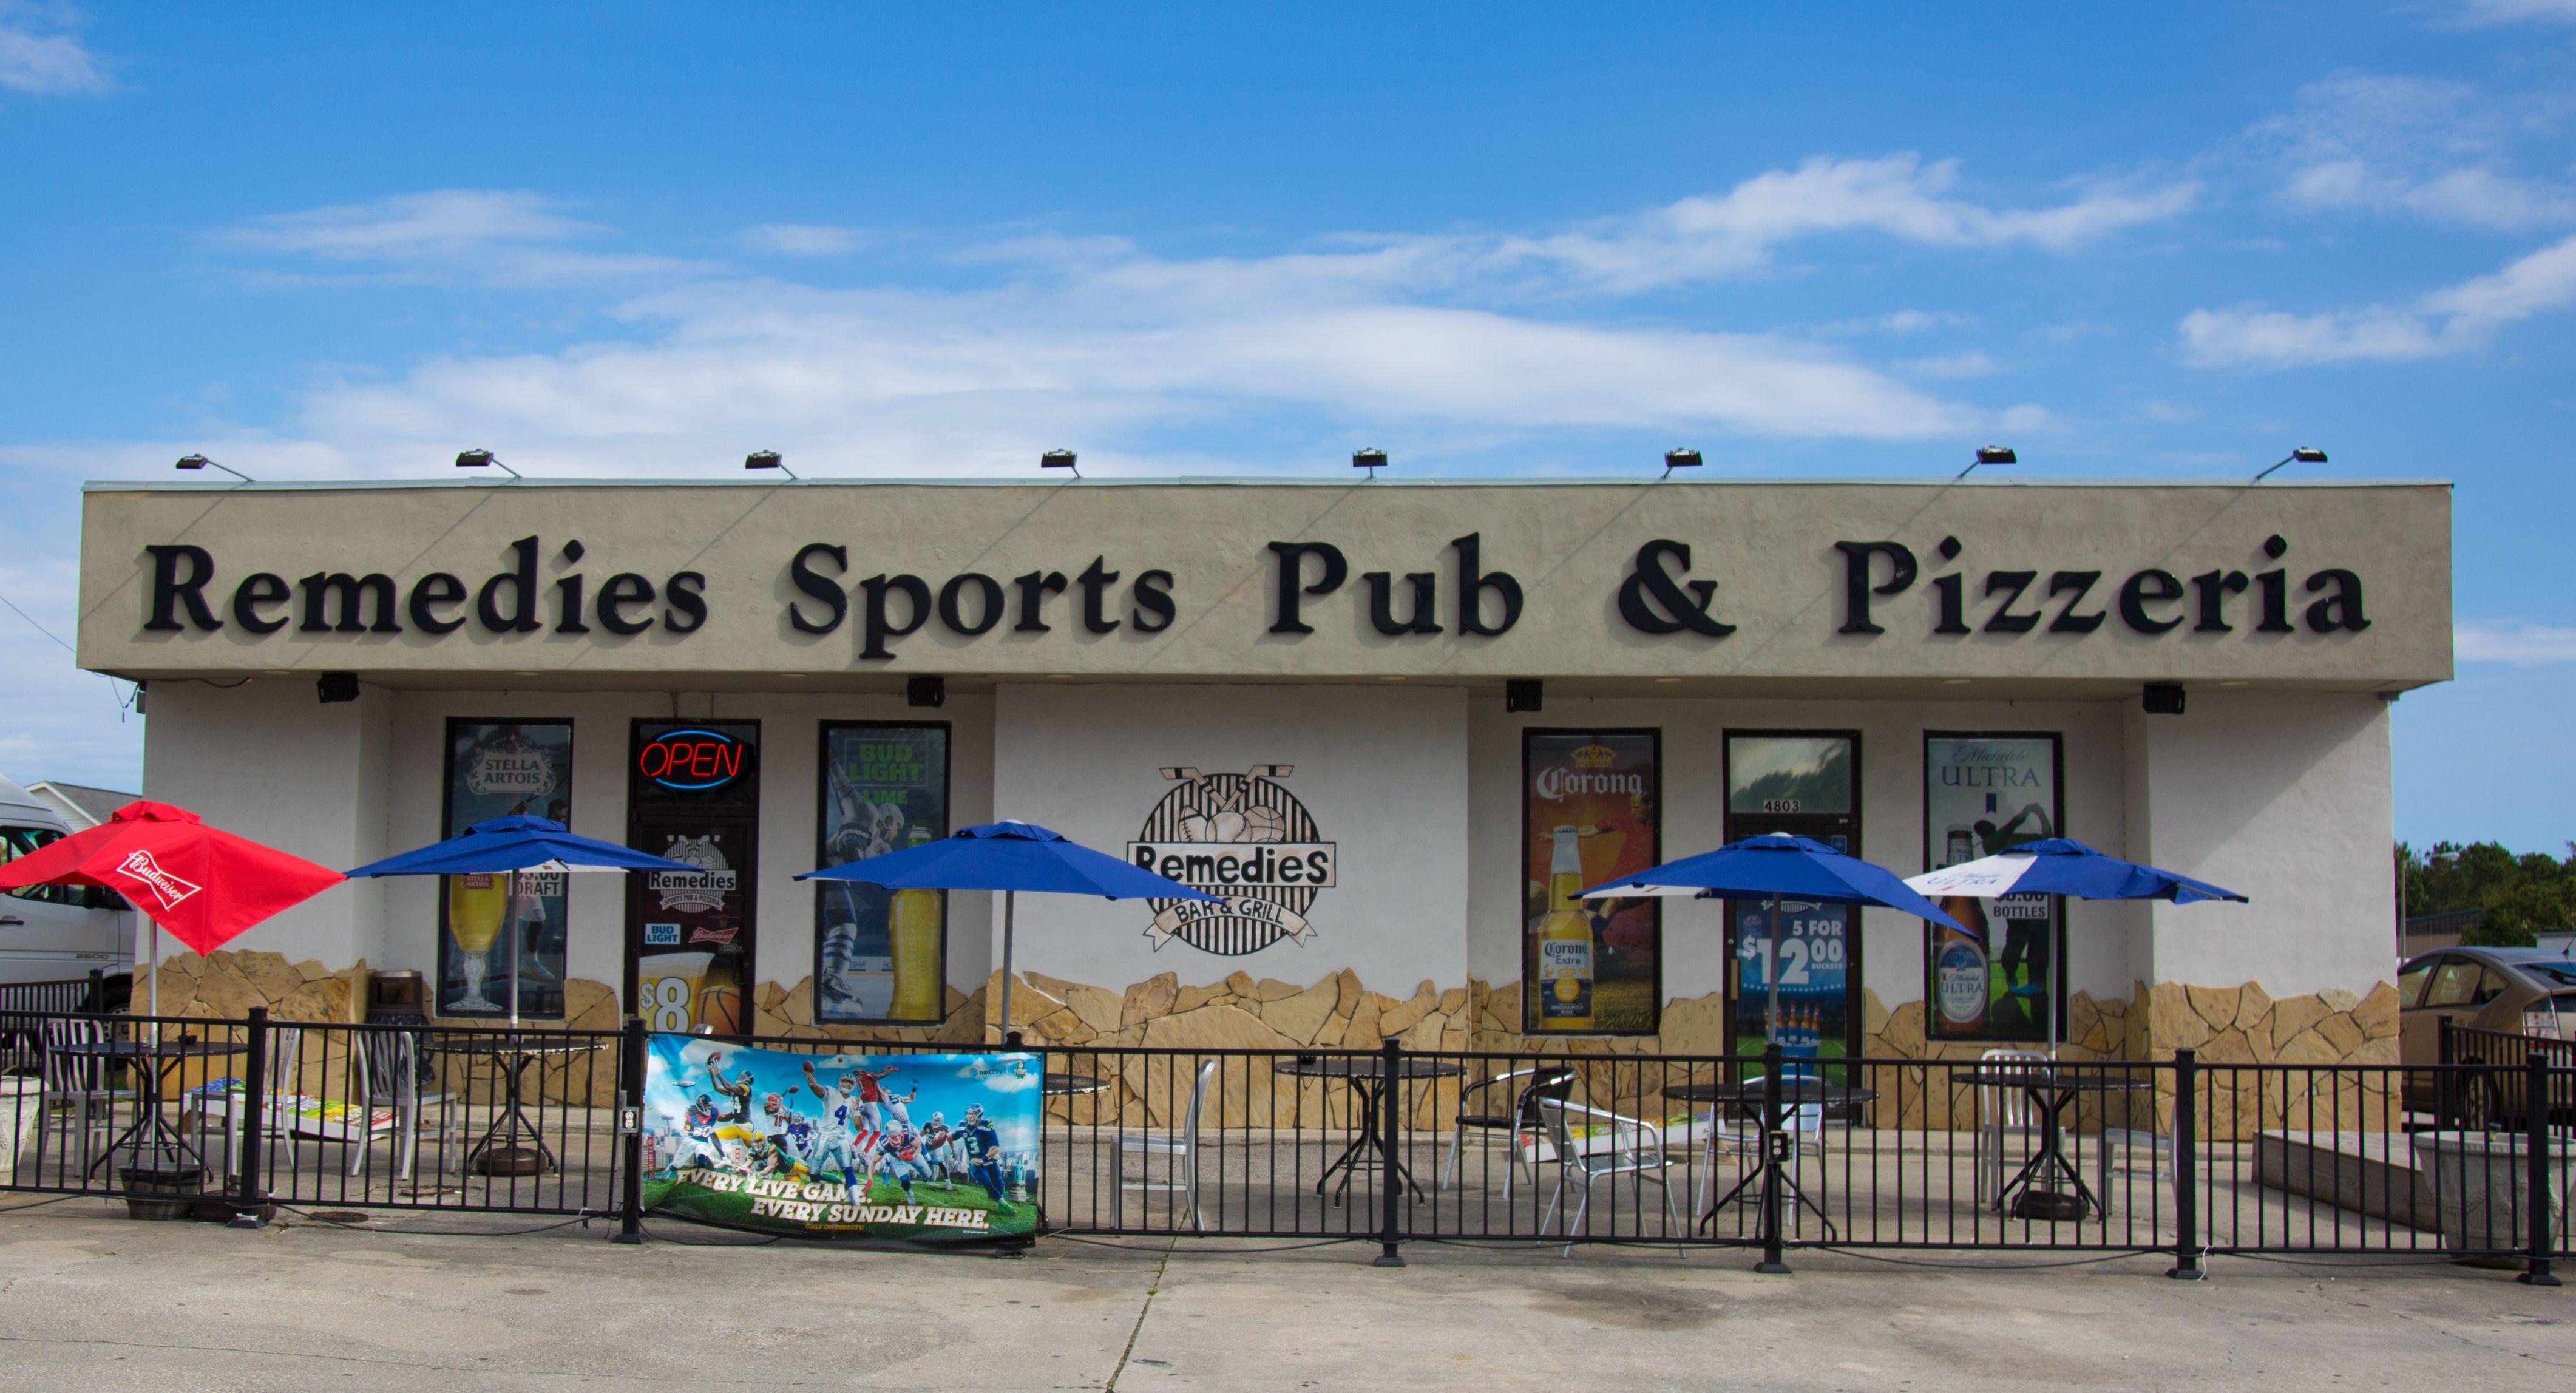 Remedies Sports Pub and Pizzeria | Sports pub, Remedies, Beach